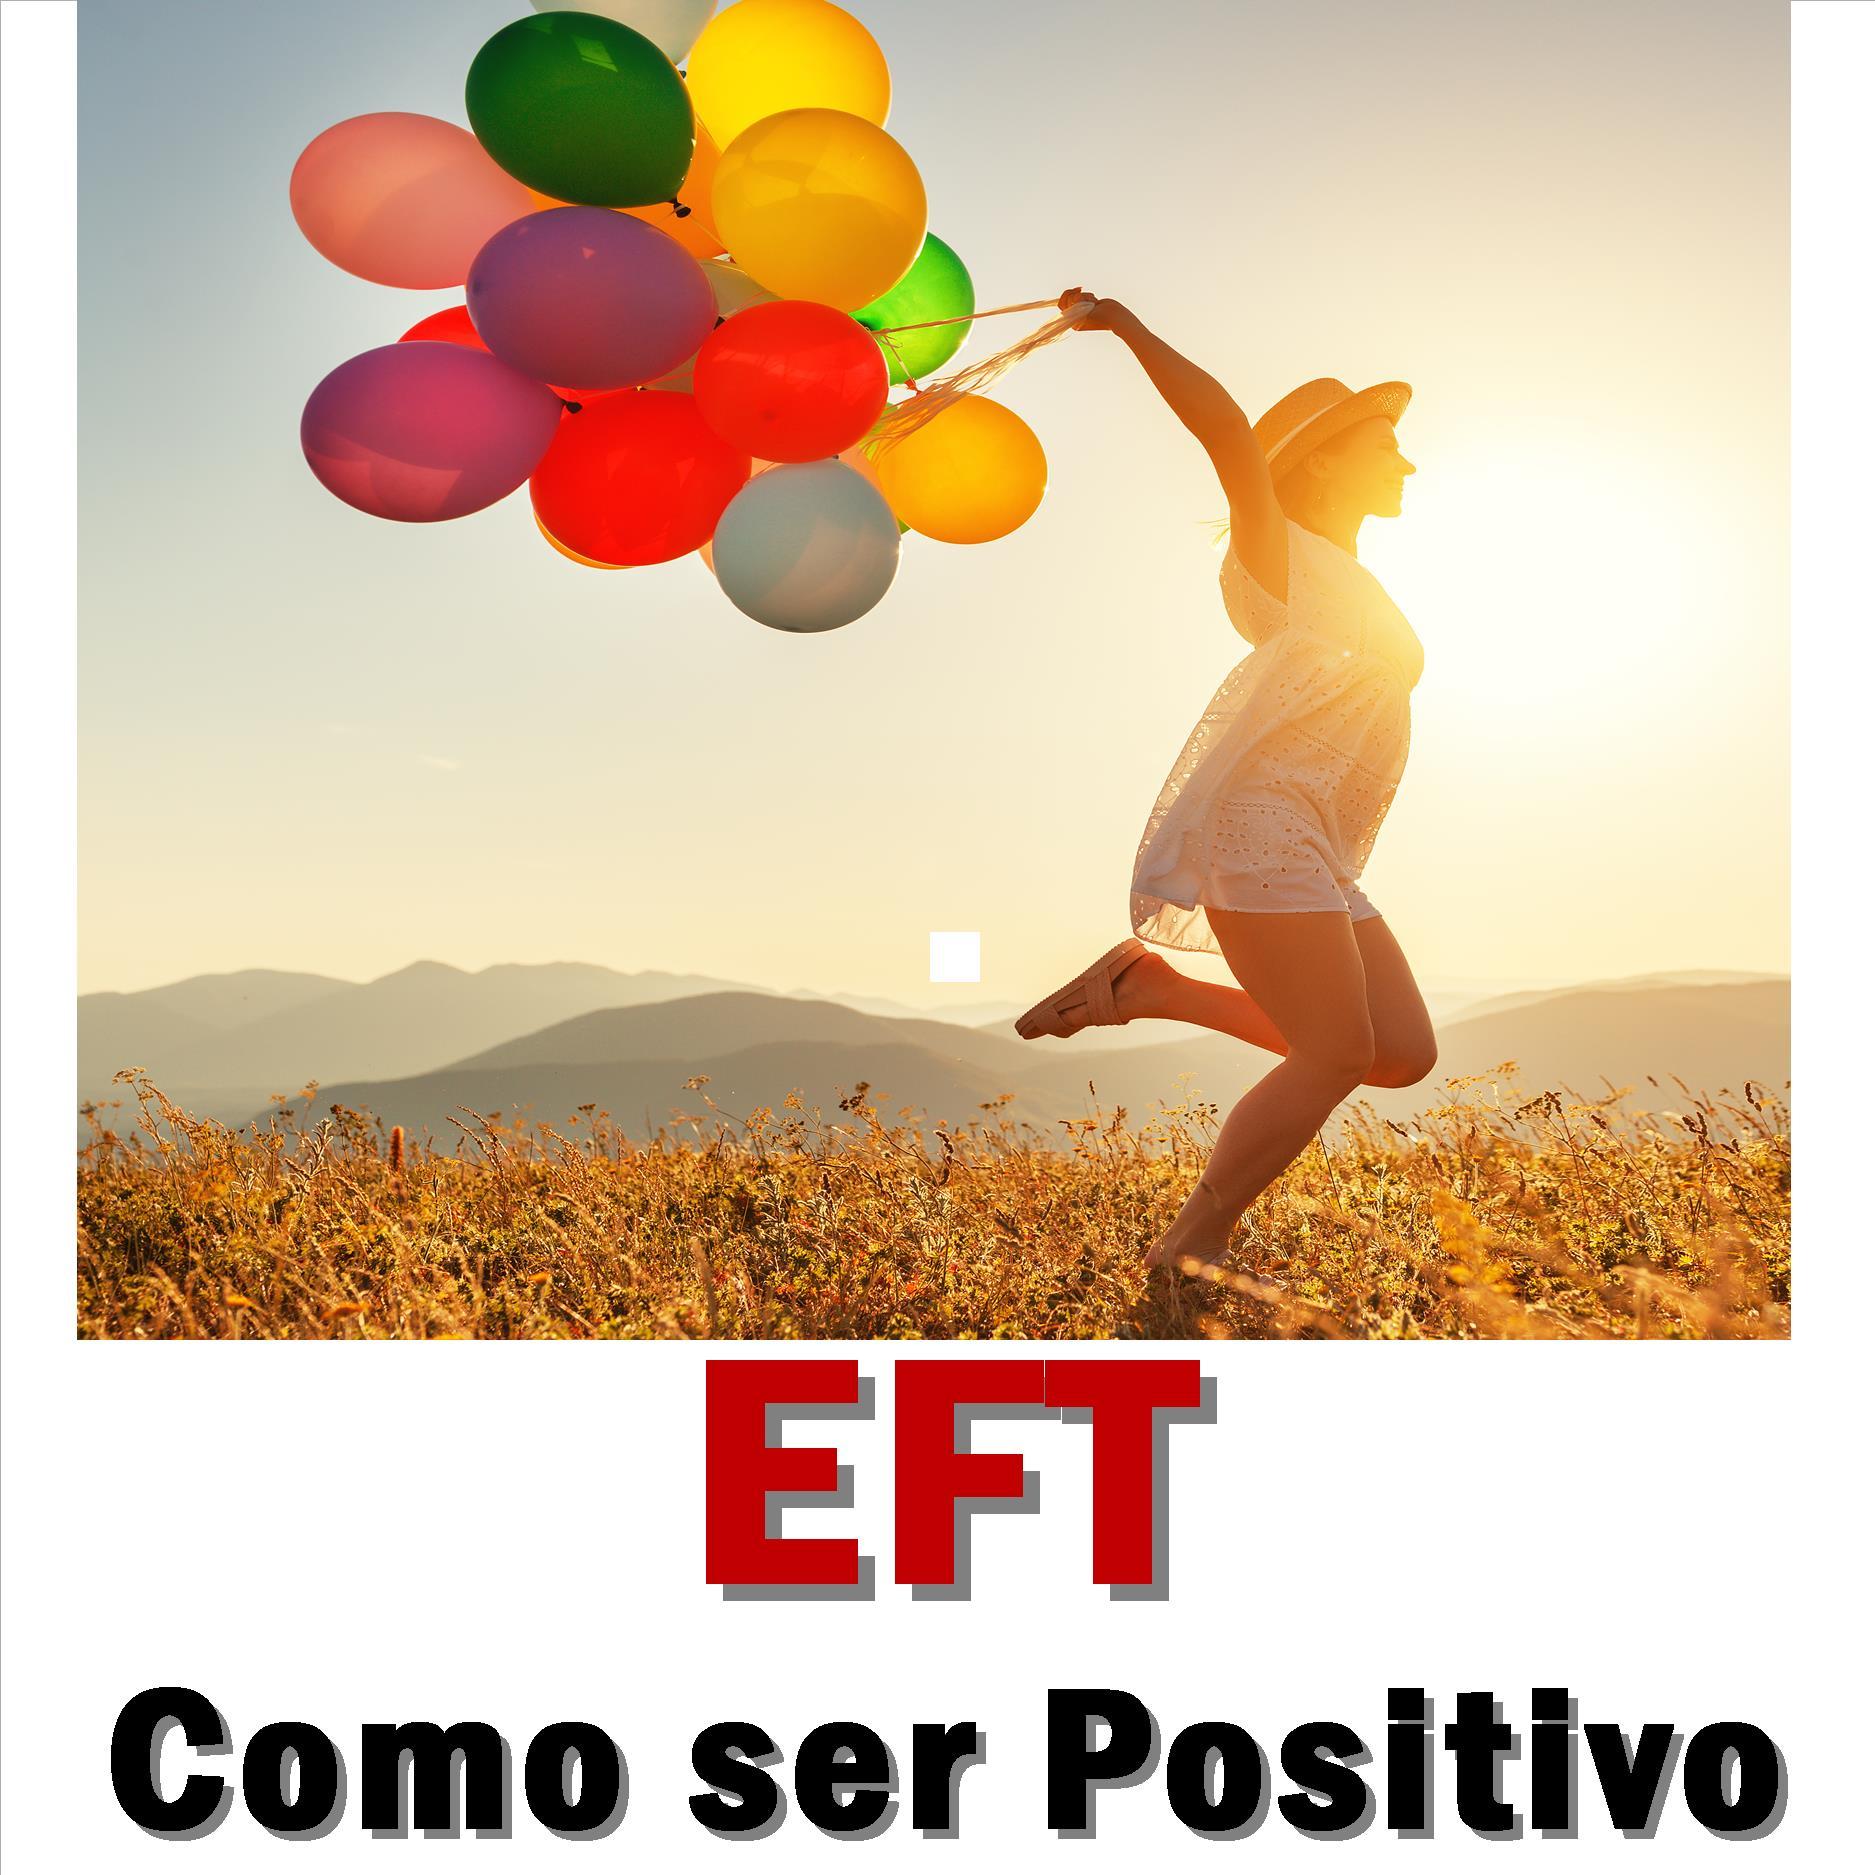 Como ser positivo nesse mundo, com a EFT